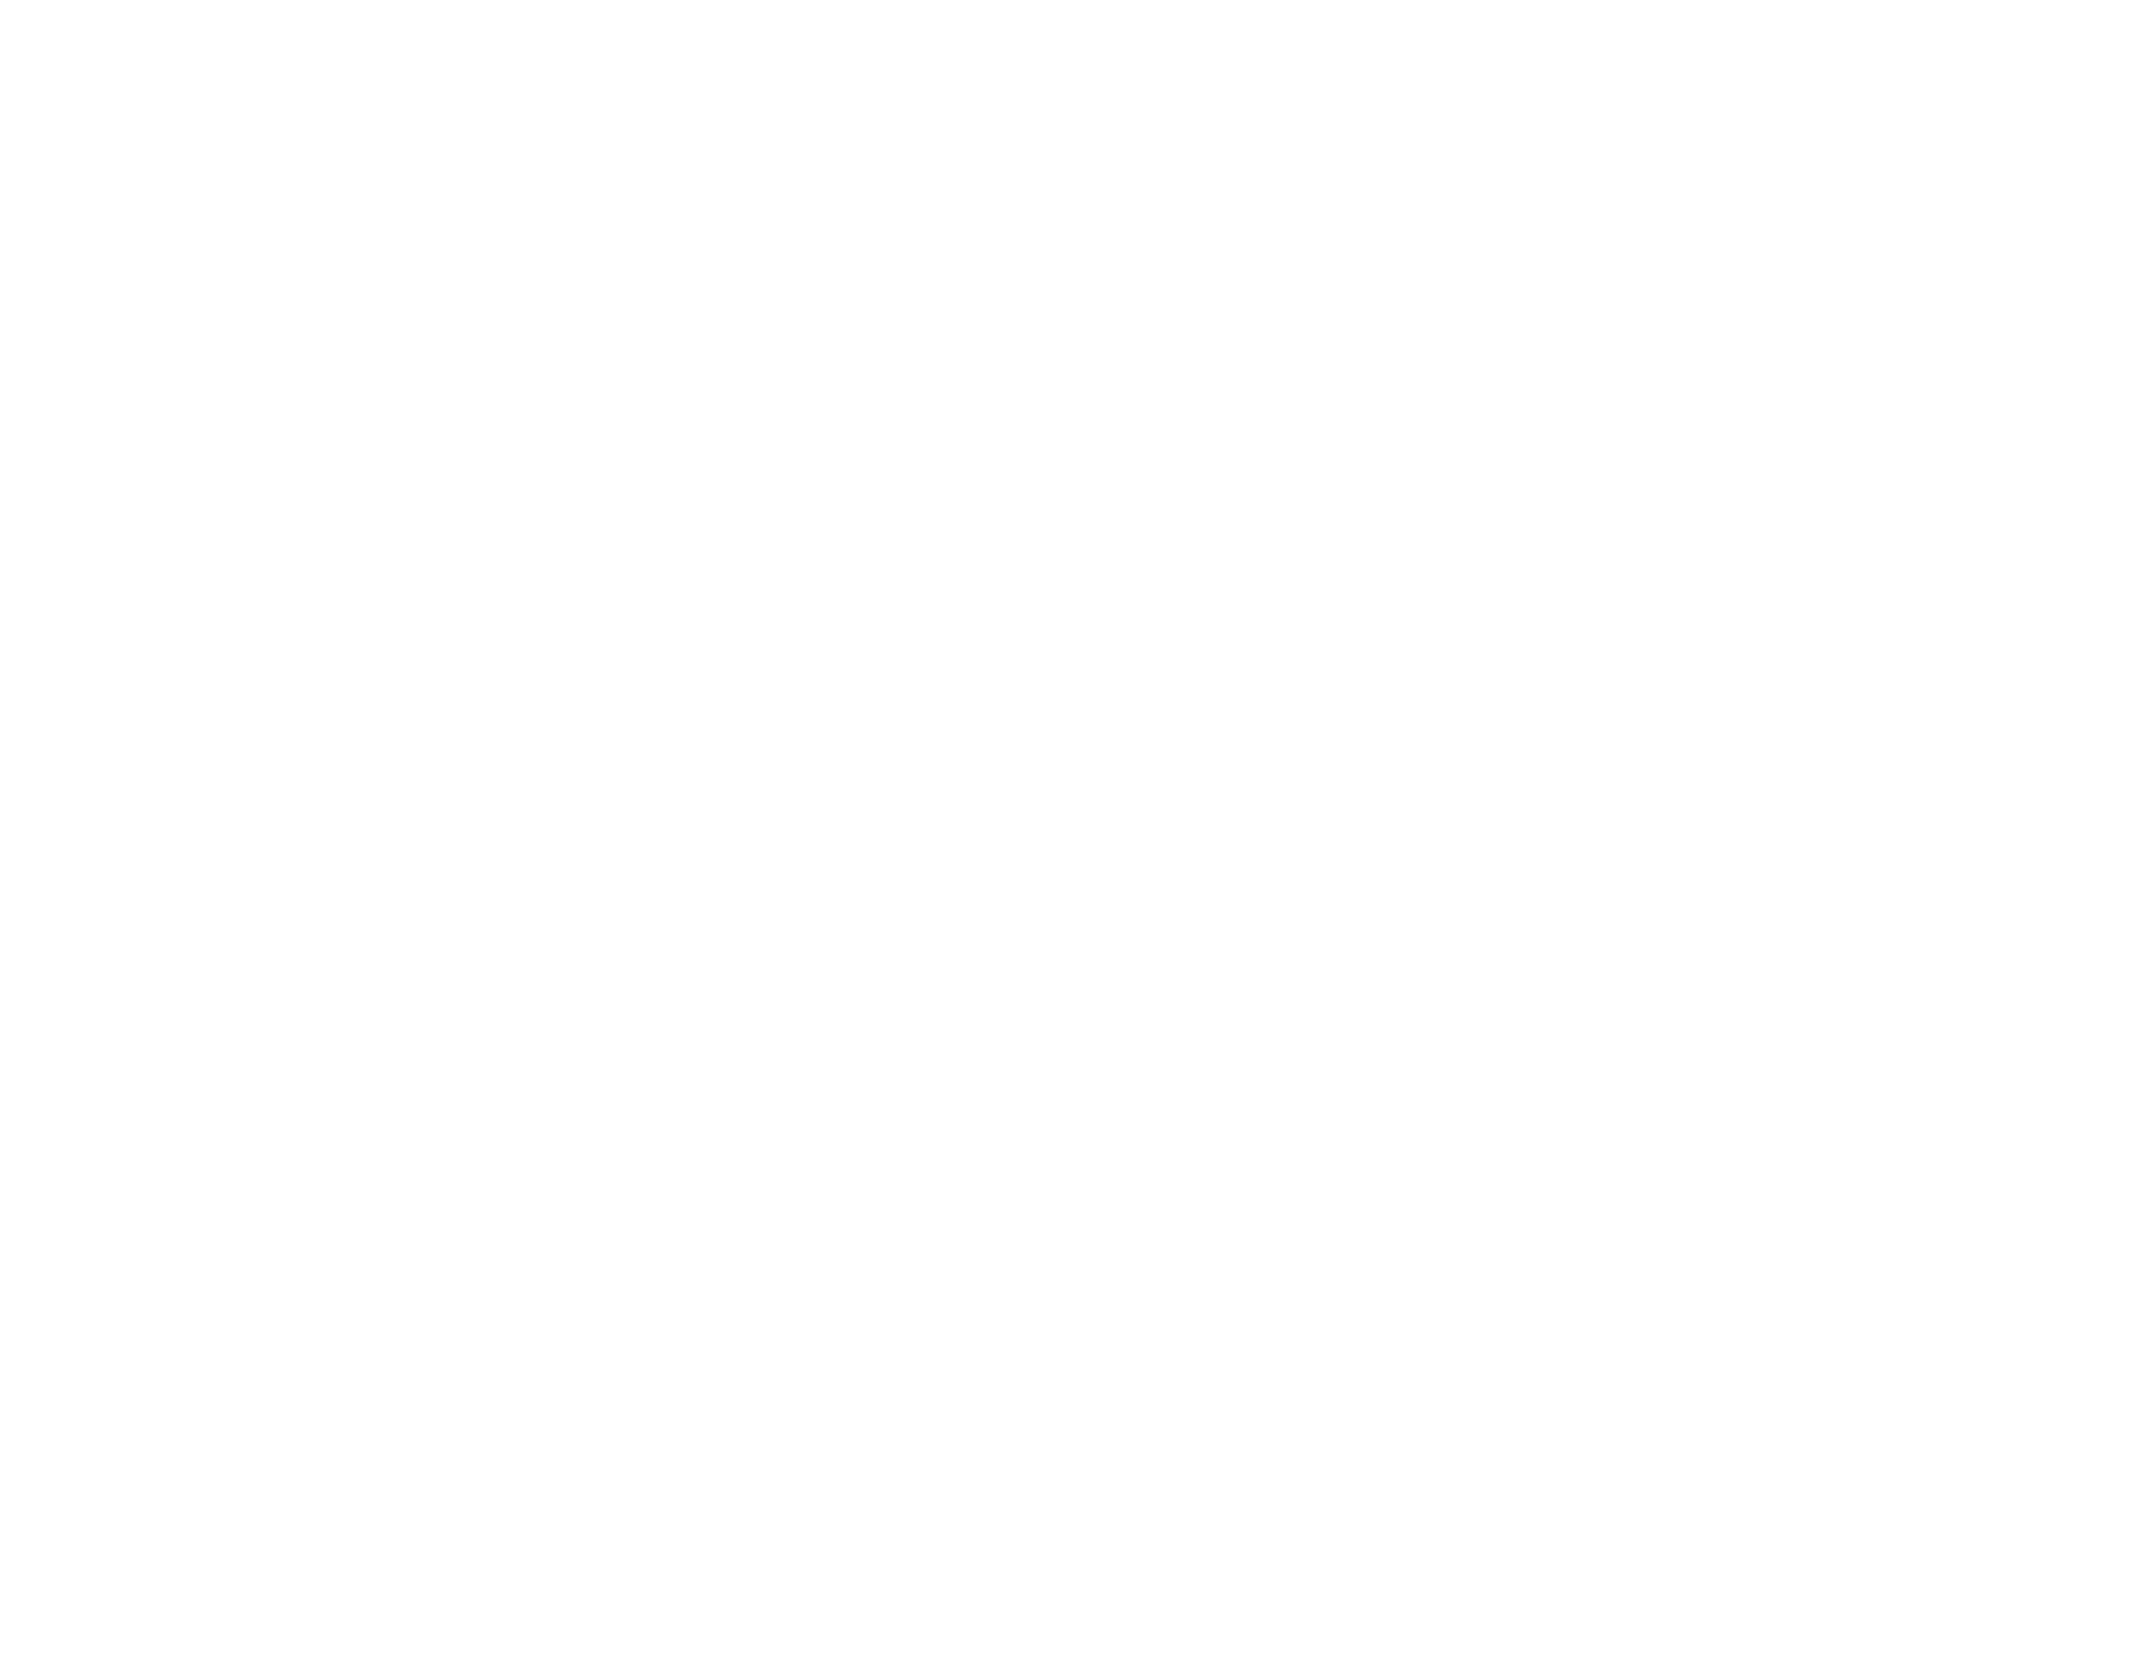 KimBrundage-Logo-Mark-White-01.png